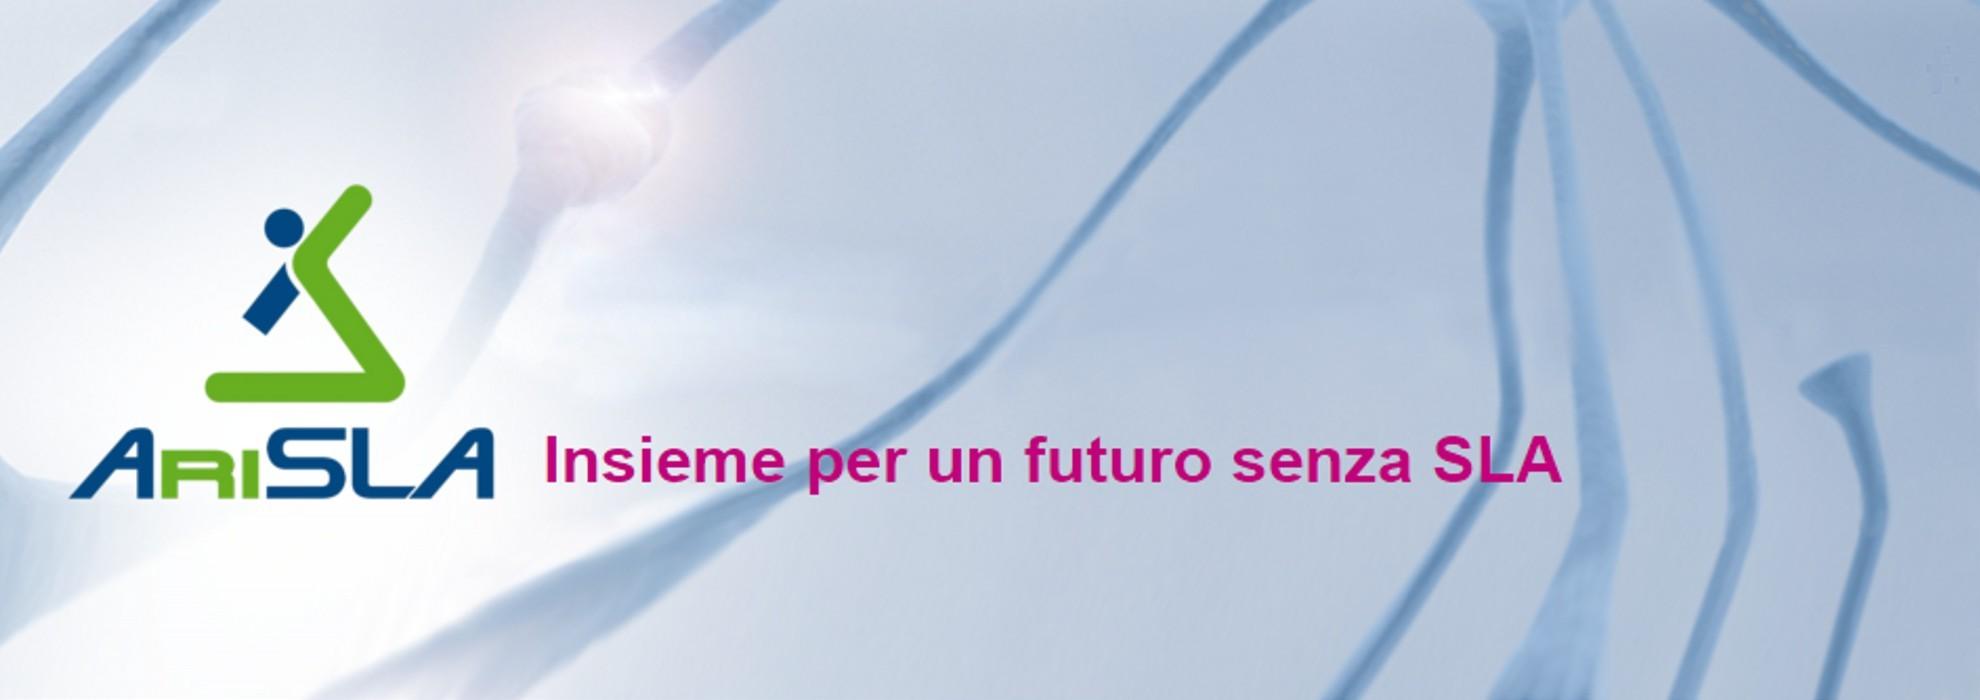 Insieme per un futuro senza SLA